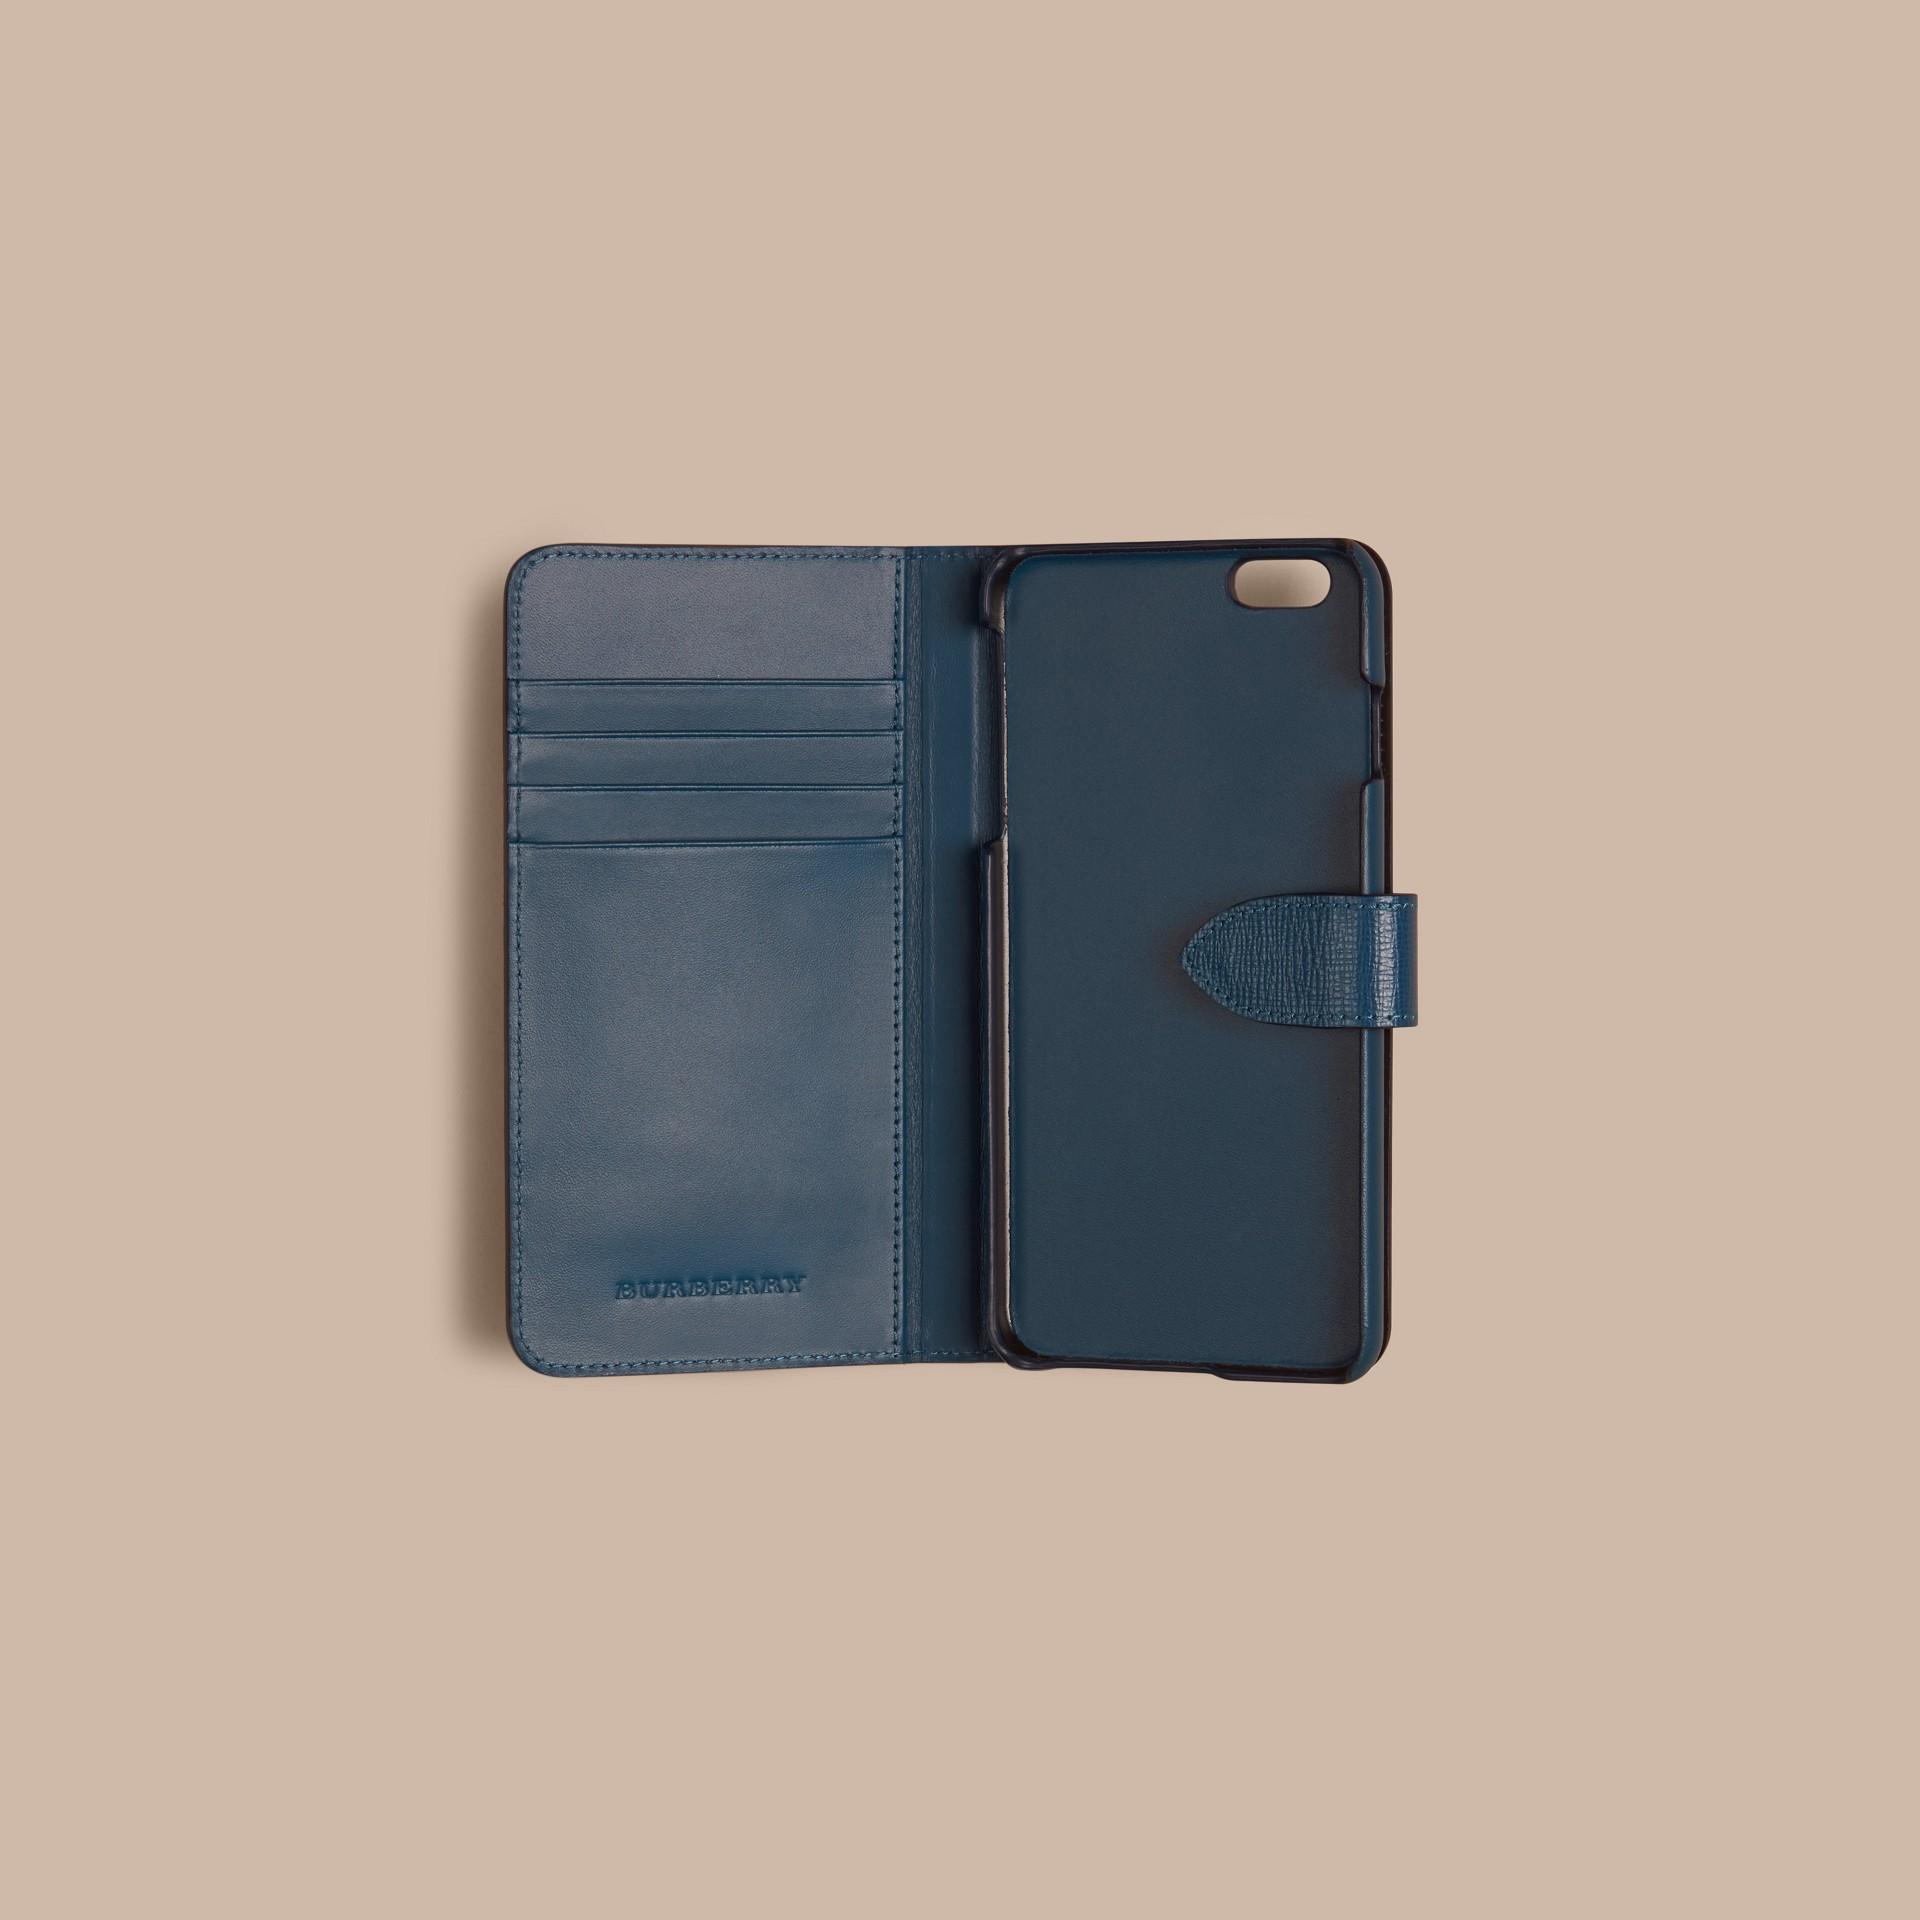 Bleu minéral Étui à rabat pour iPhone6Plus en cuir London Bleu Minéral - photo de la galerie 2